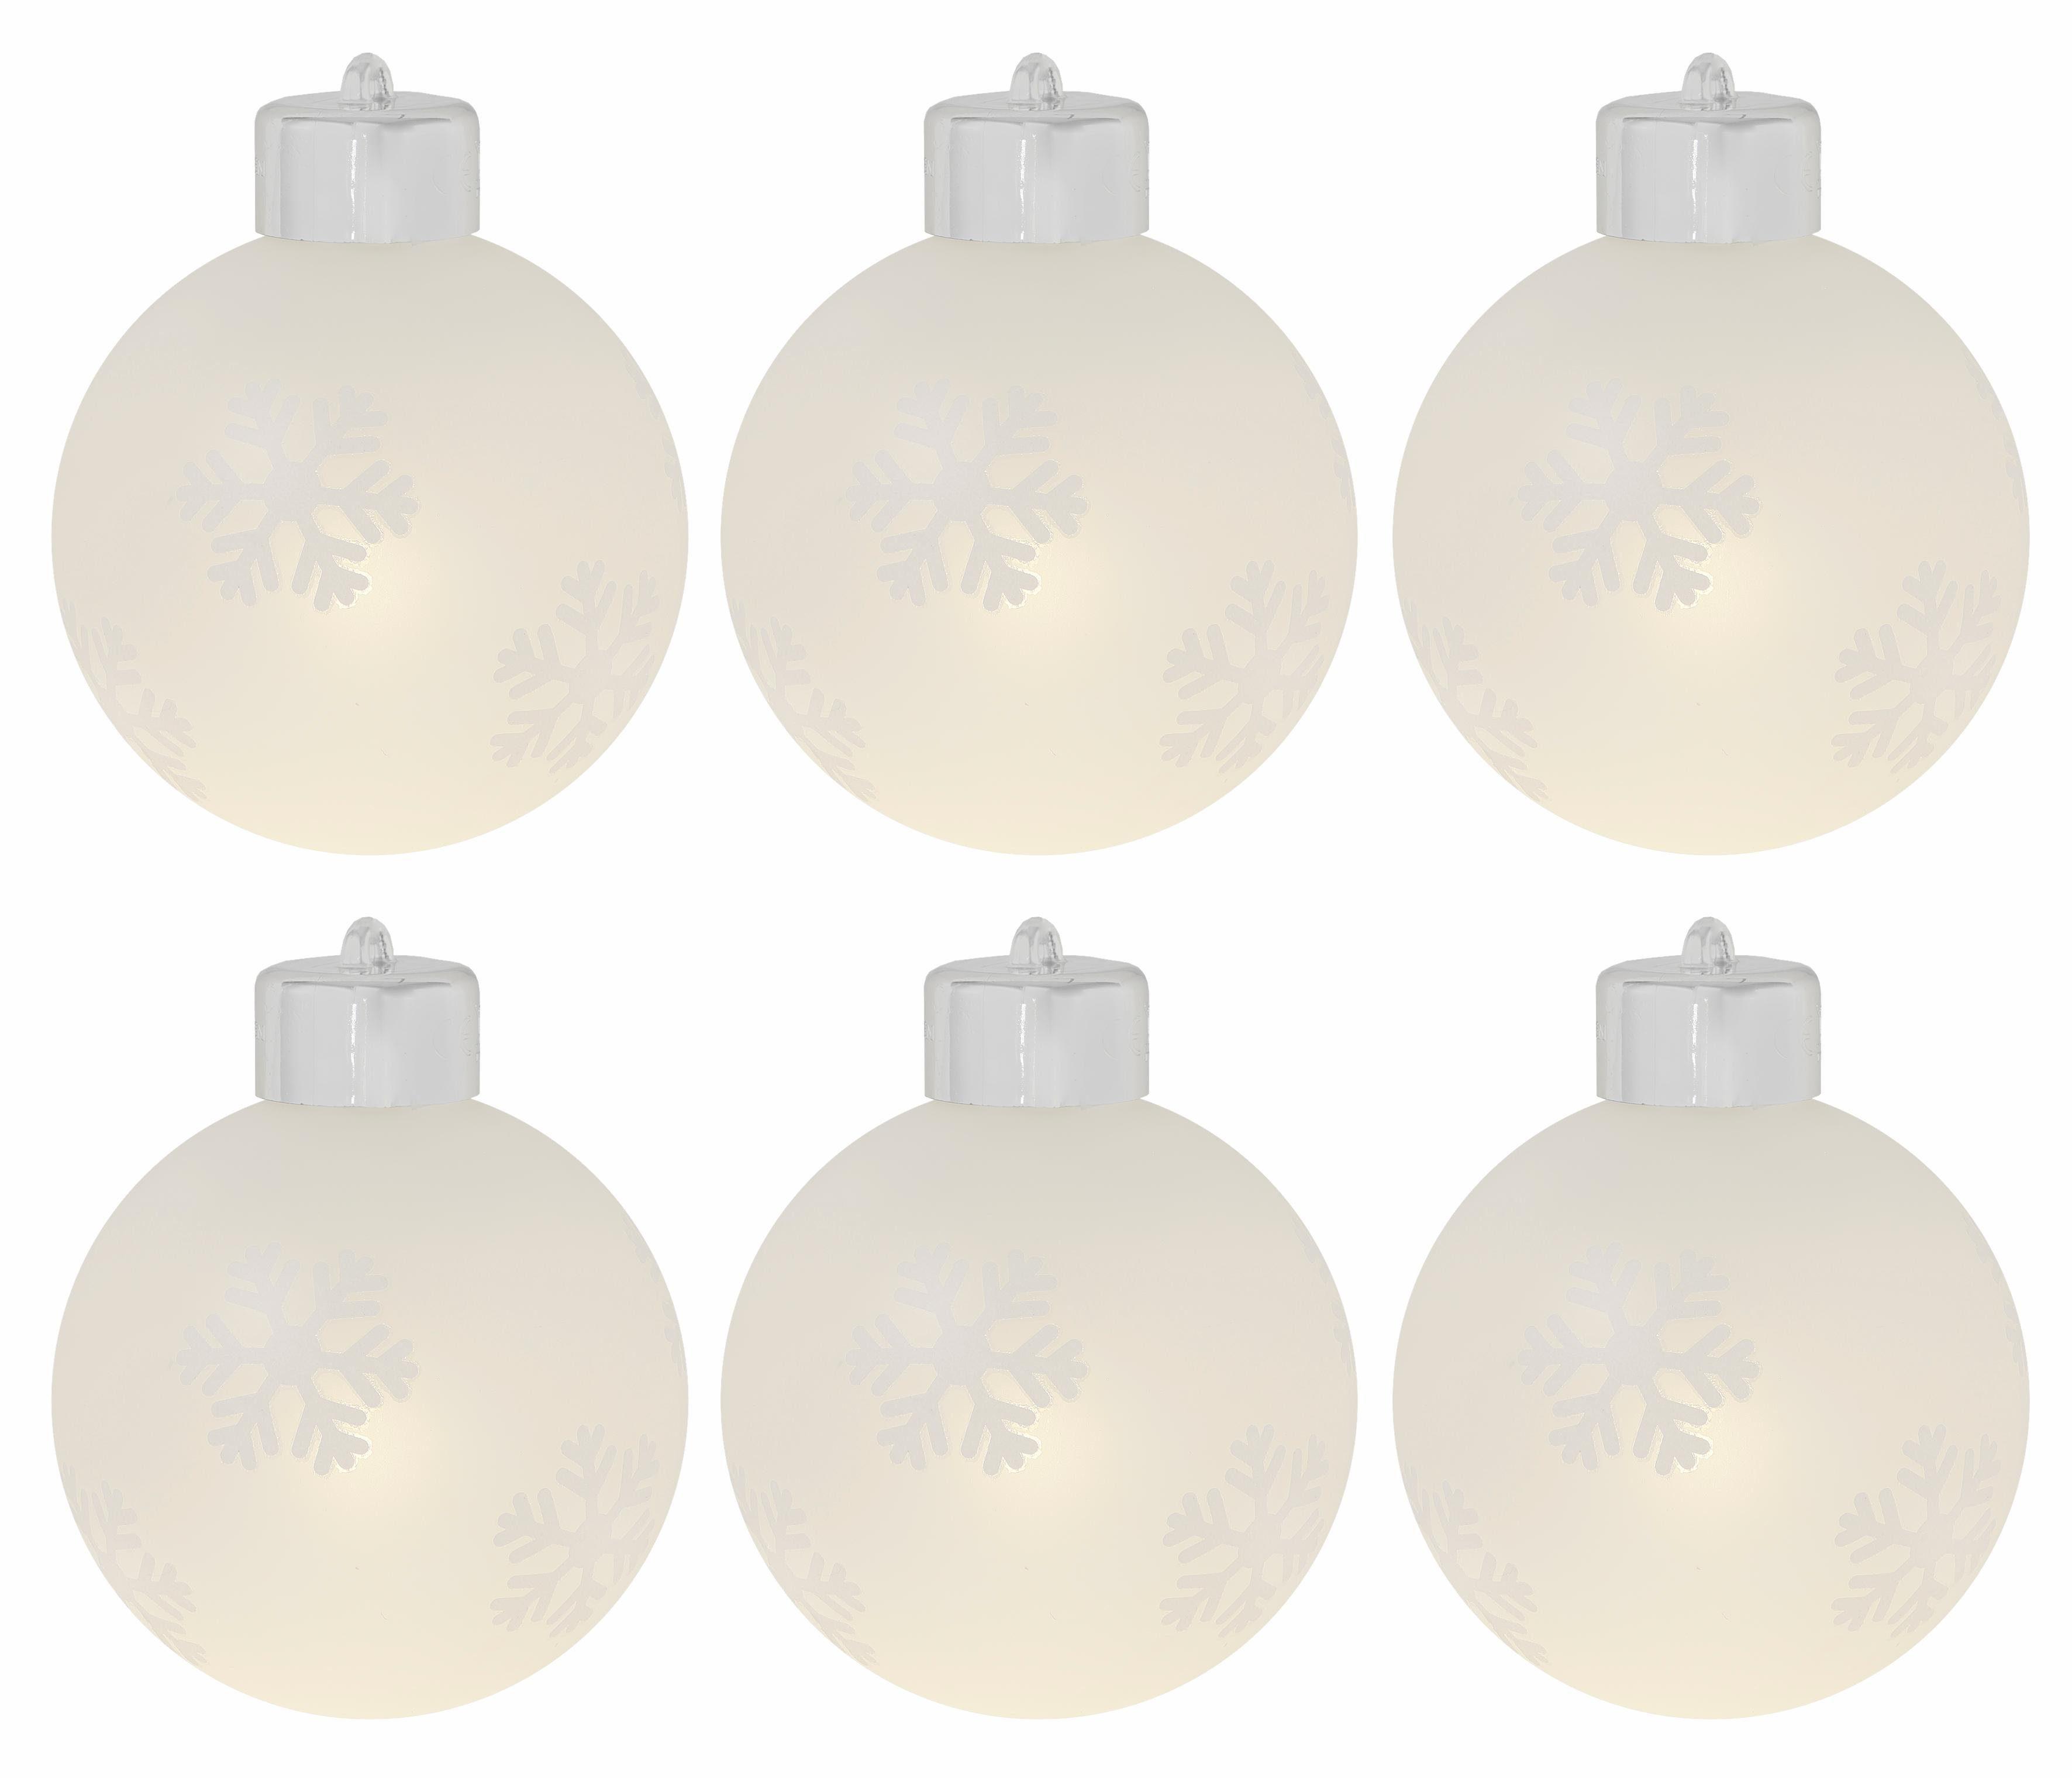 LED Glaskugeln, 6er Set, inklusive Fernbedienung